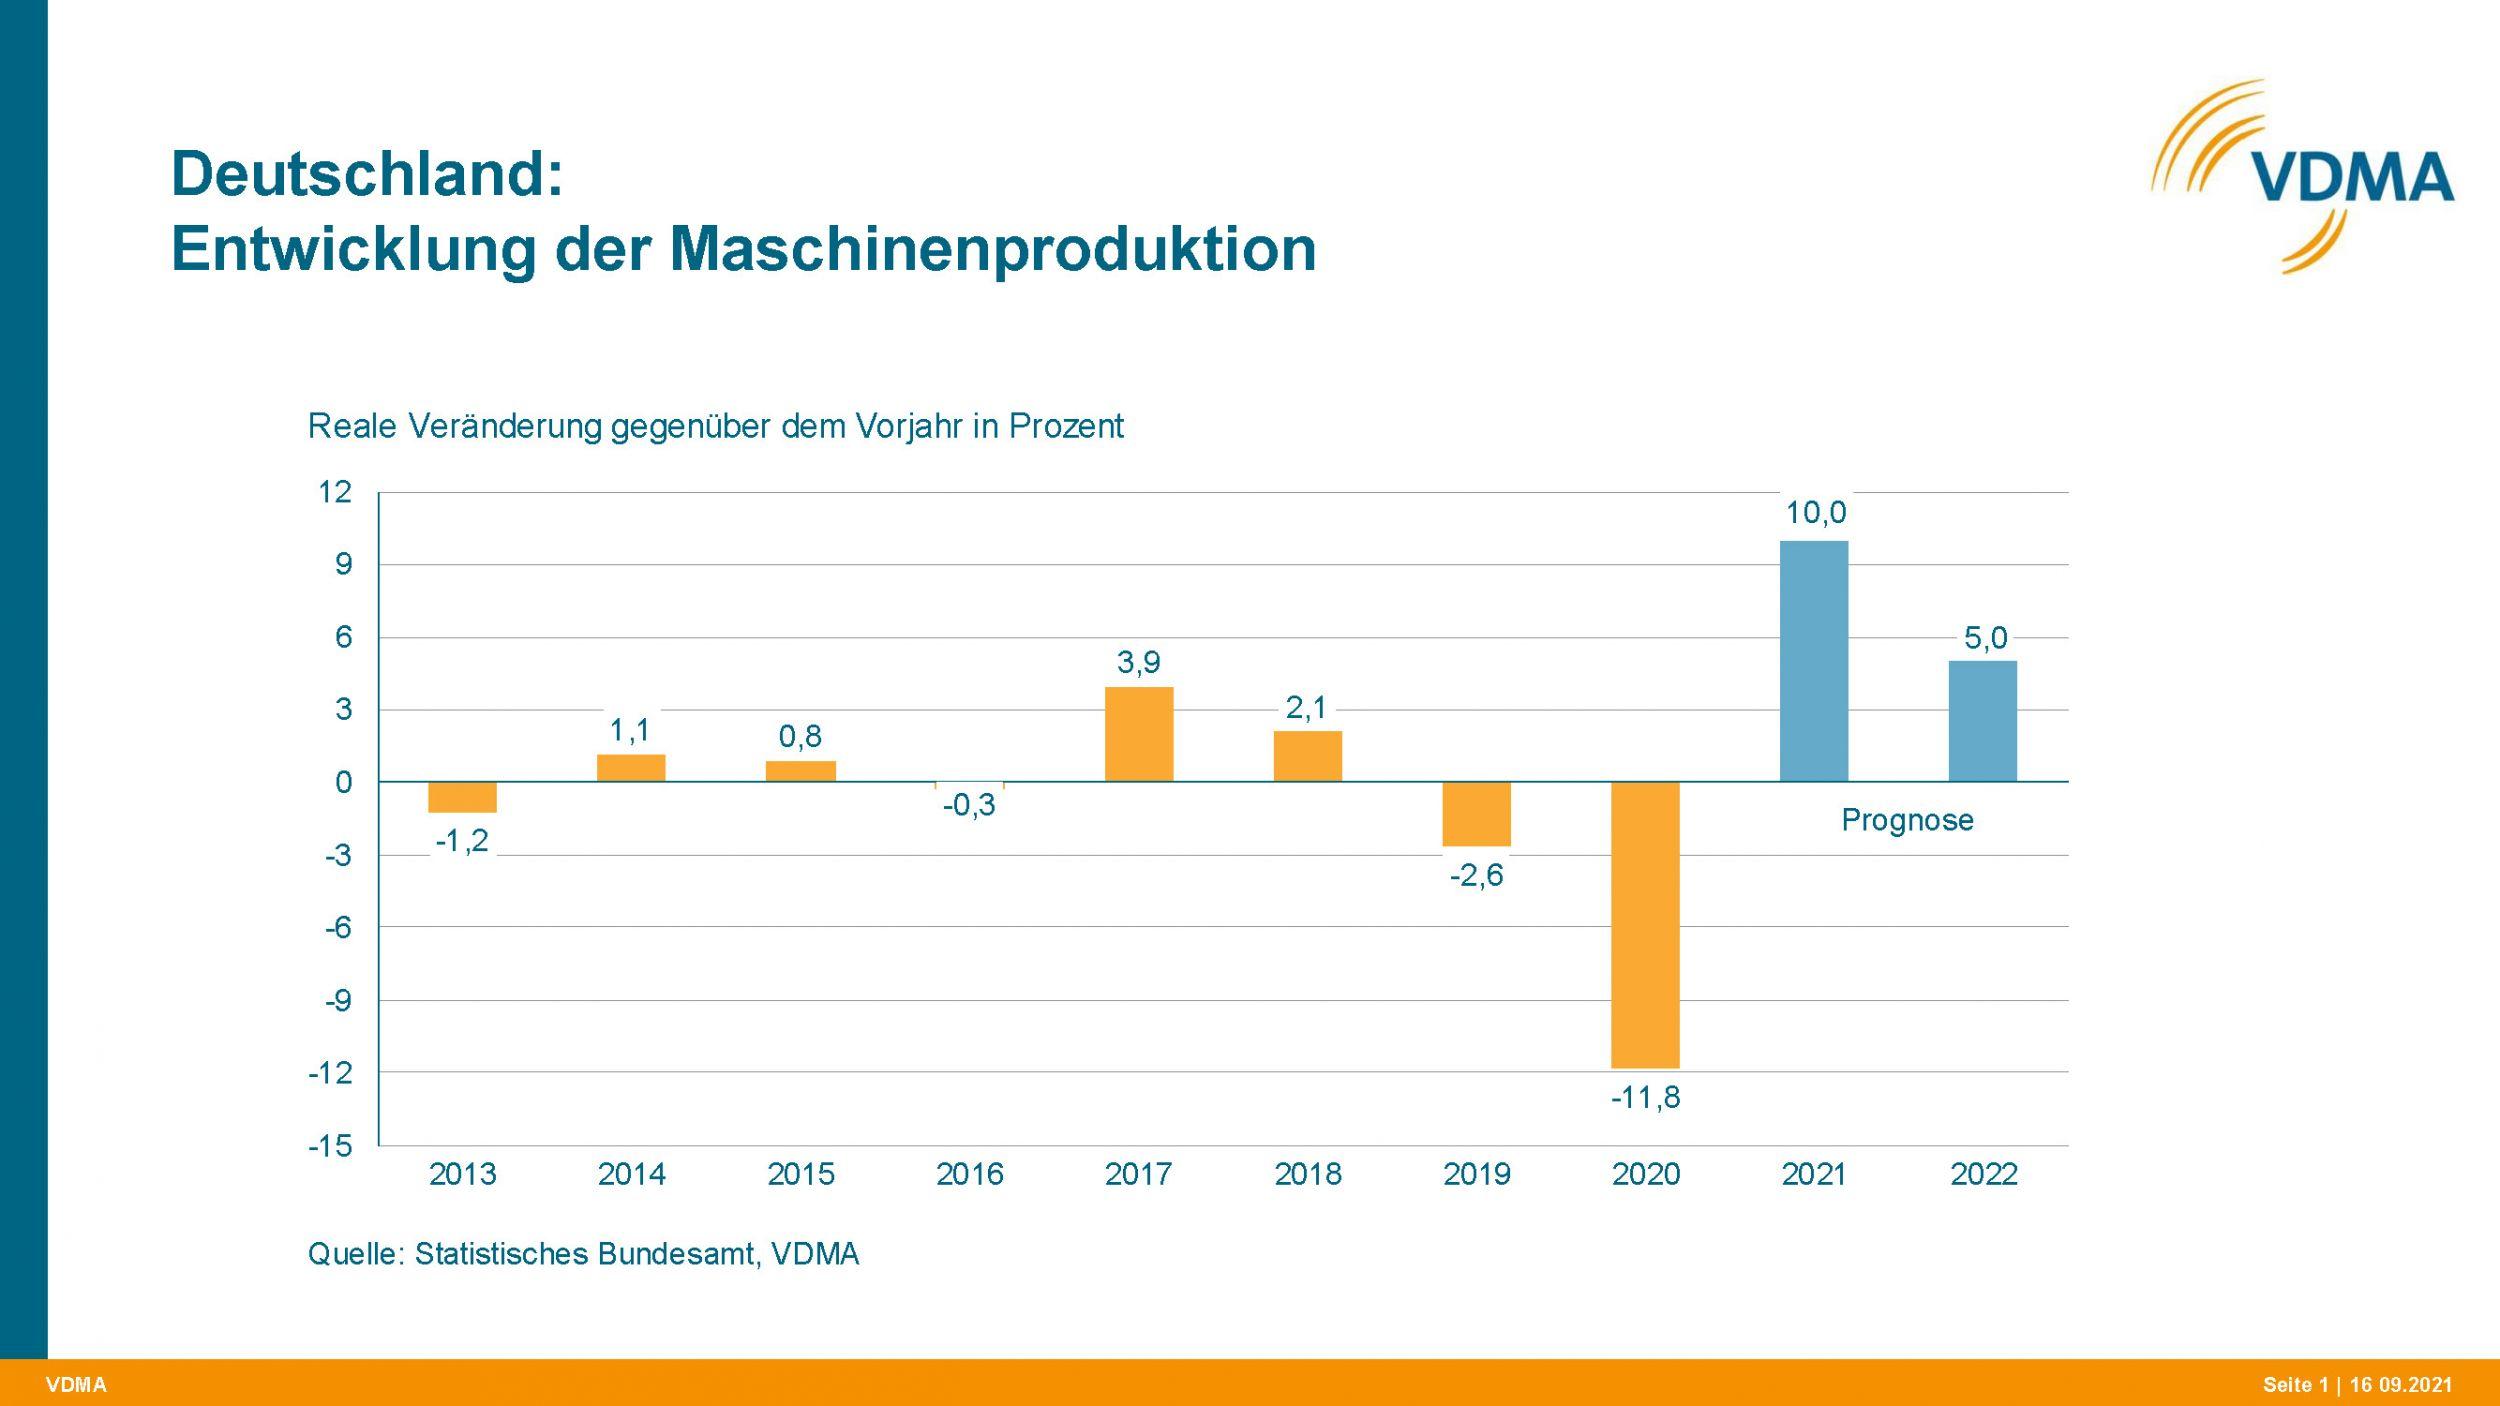 Maschinenbau erwartet 2022 Produktionsplus von 5%